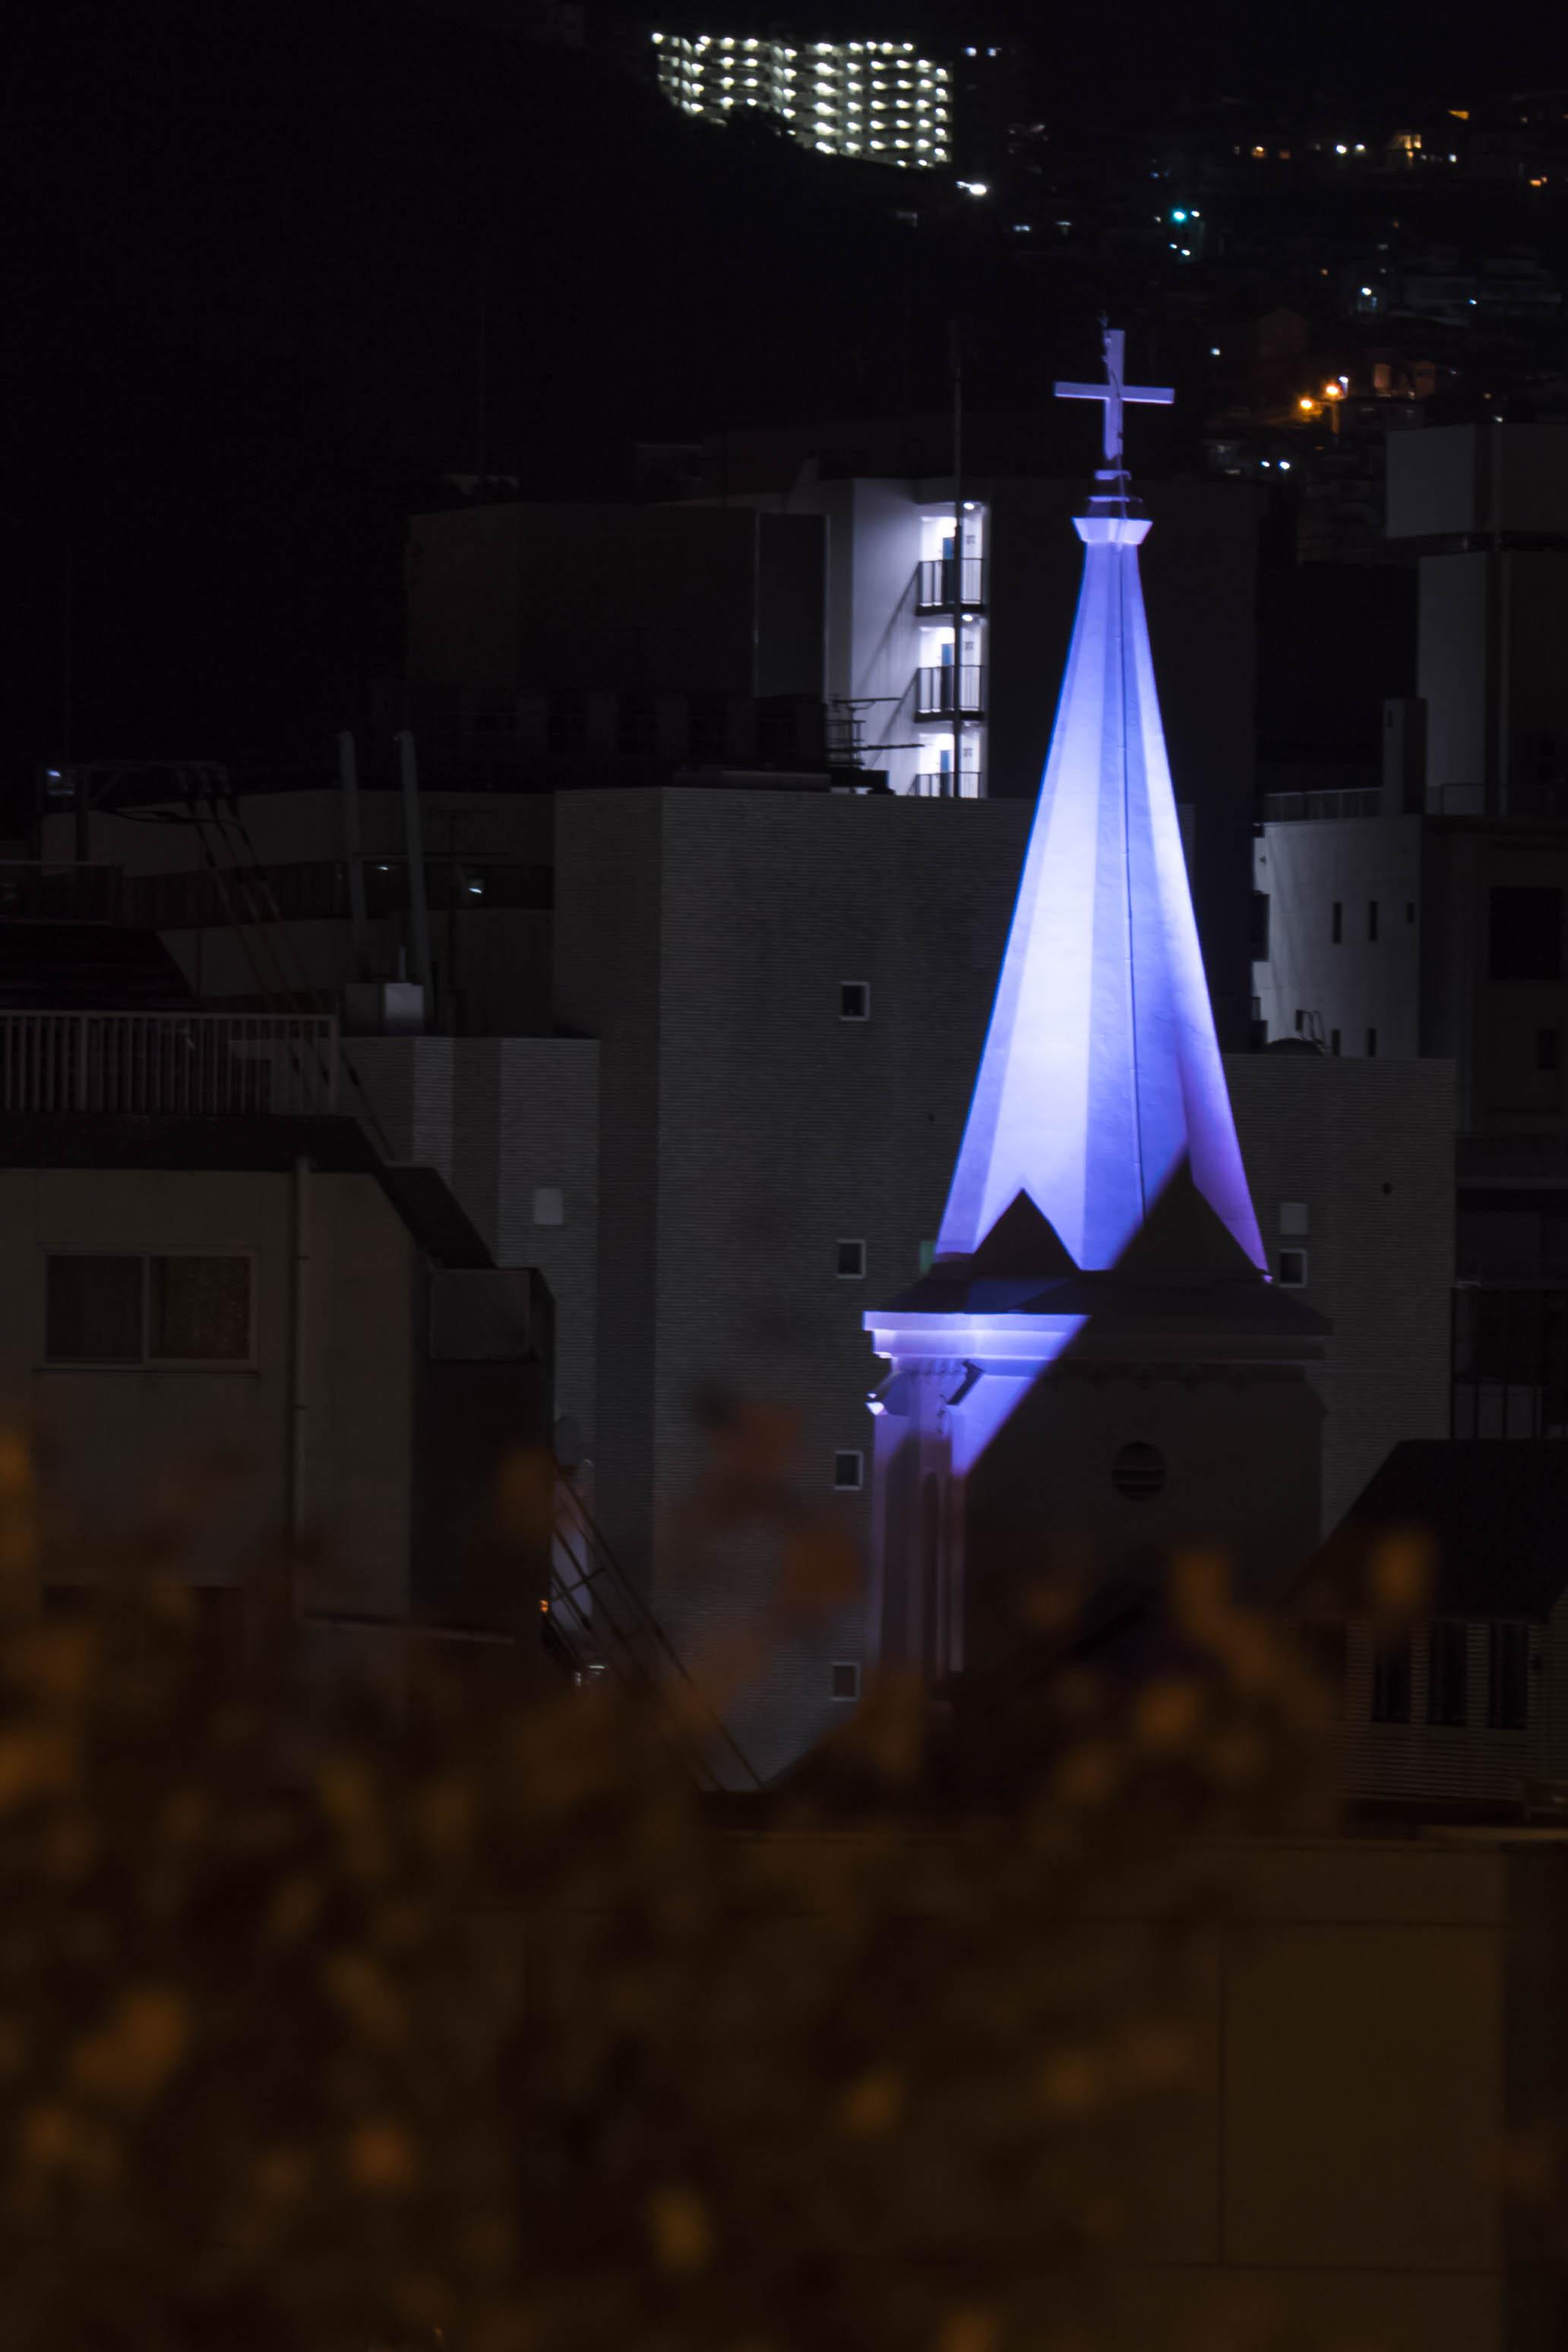 西坂公園からのライトアップされた中町教会